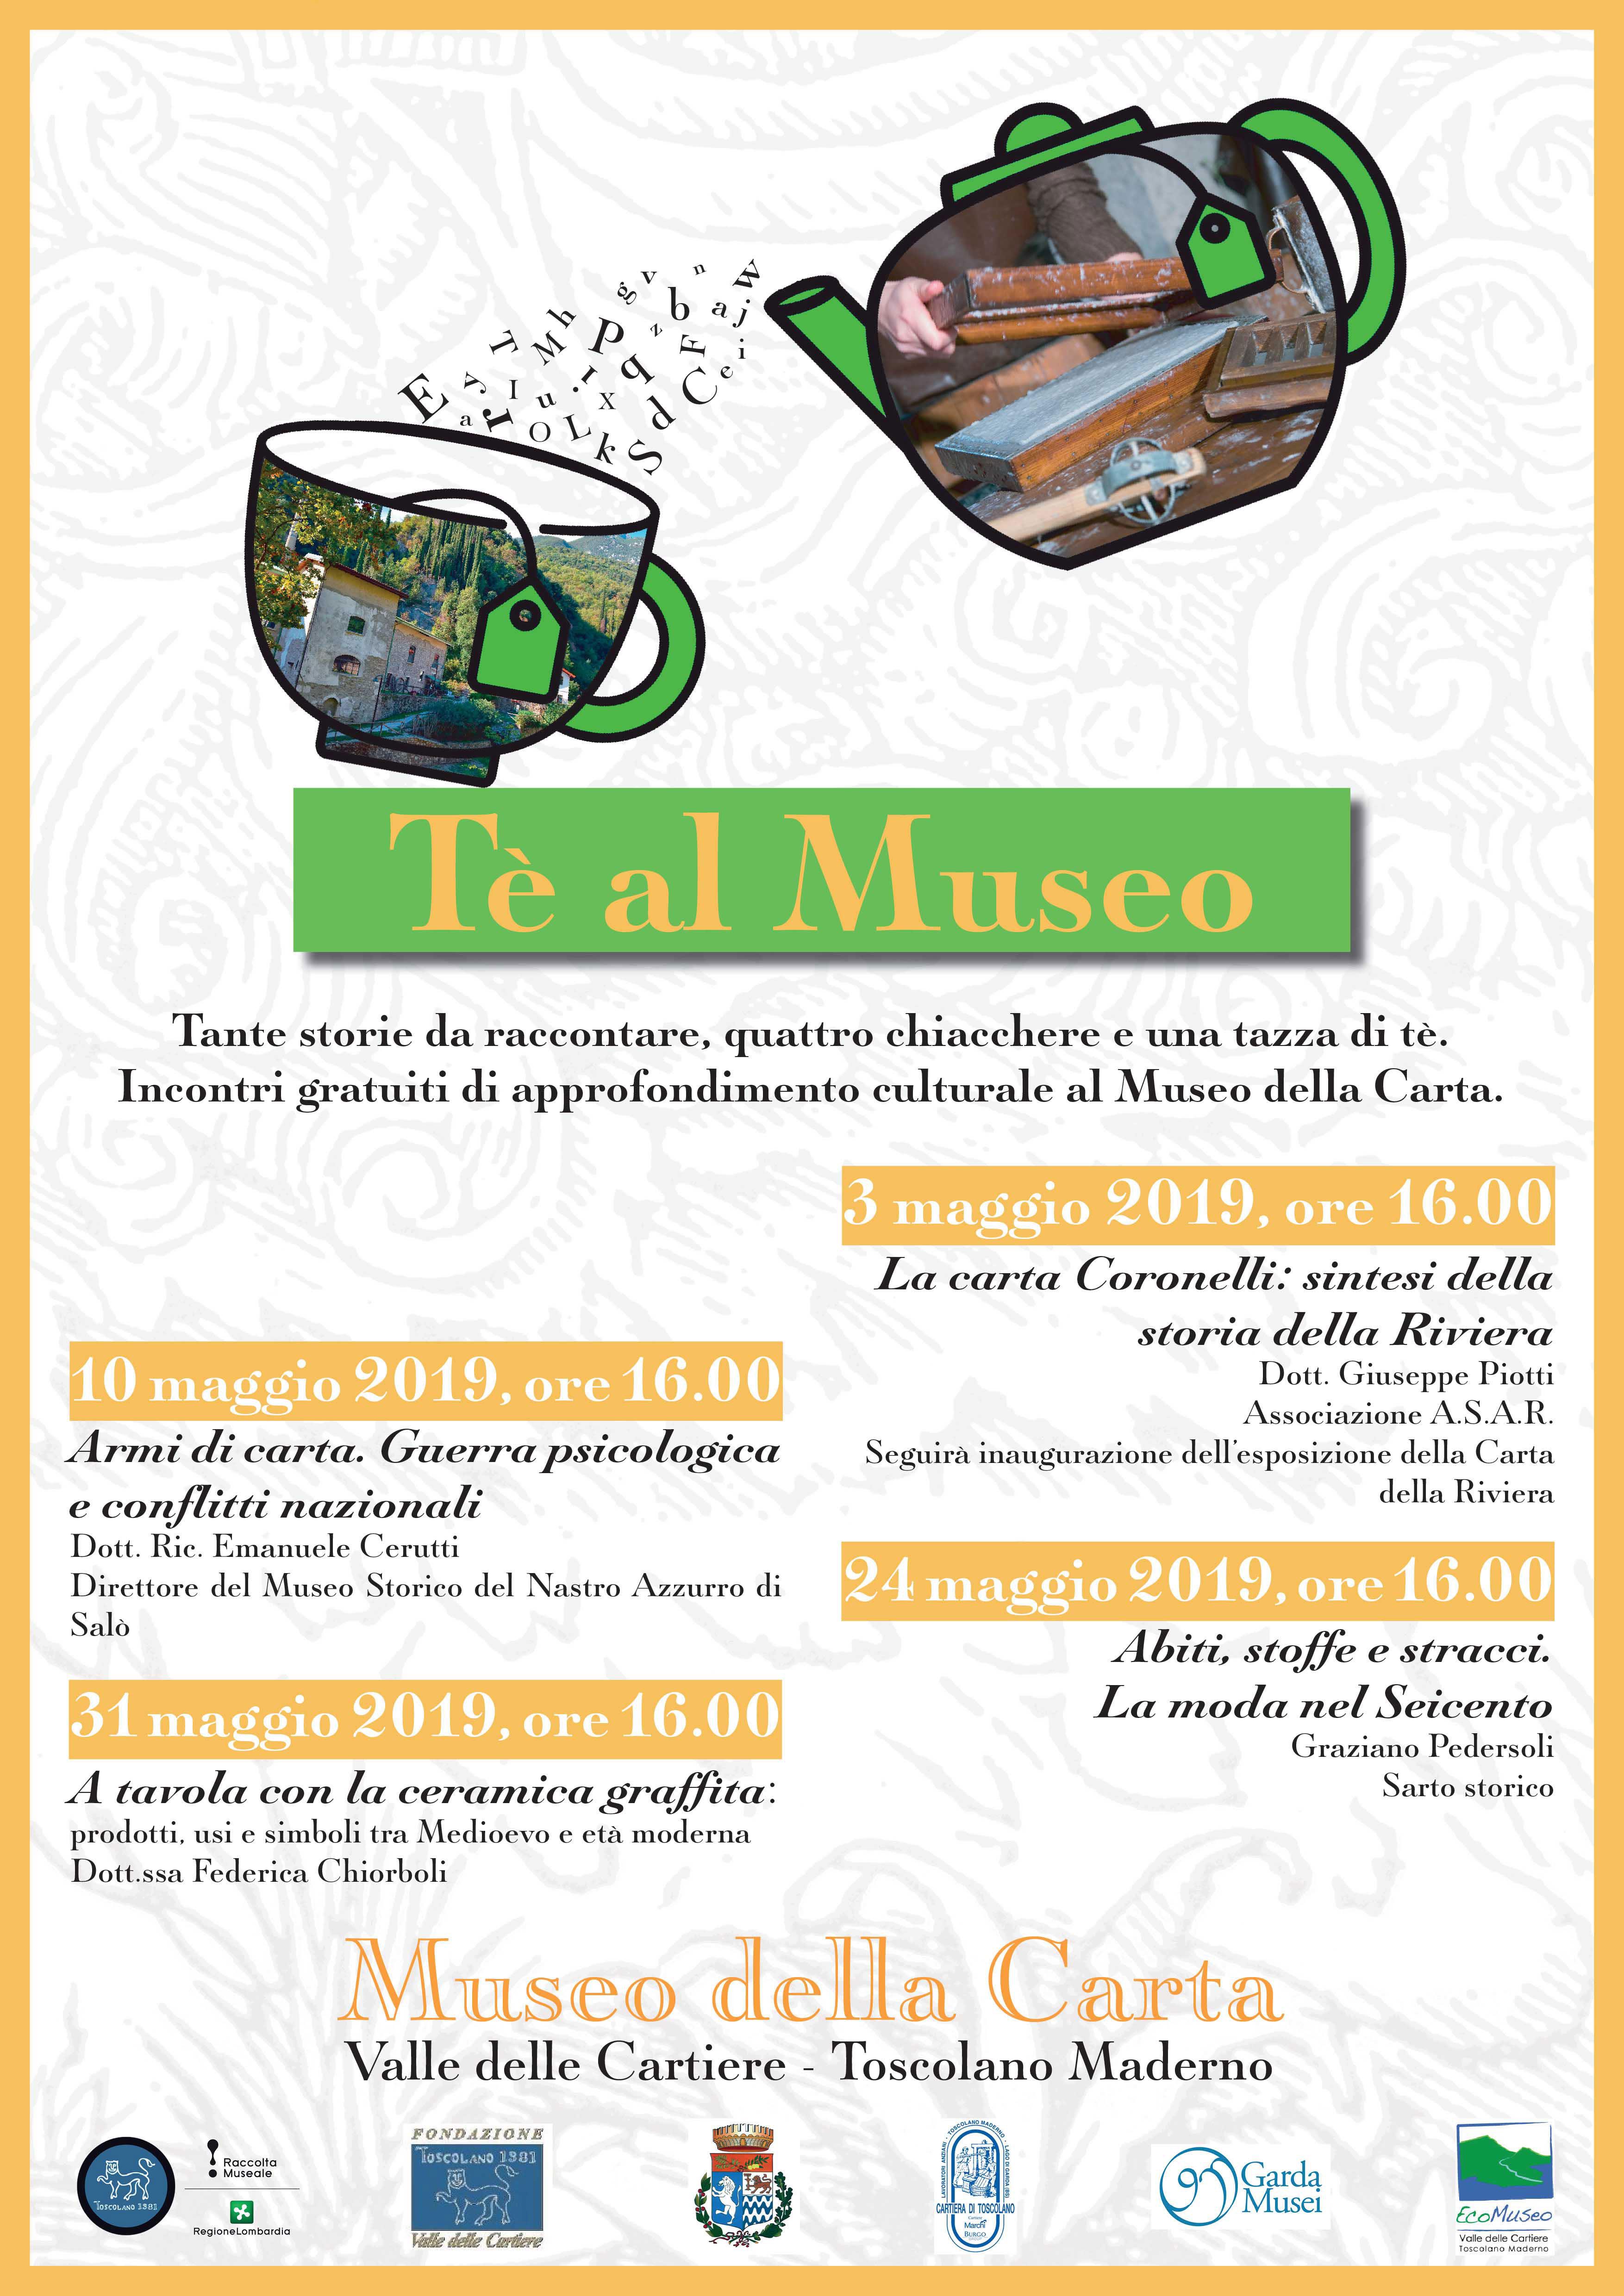 Tè al Museo